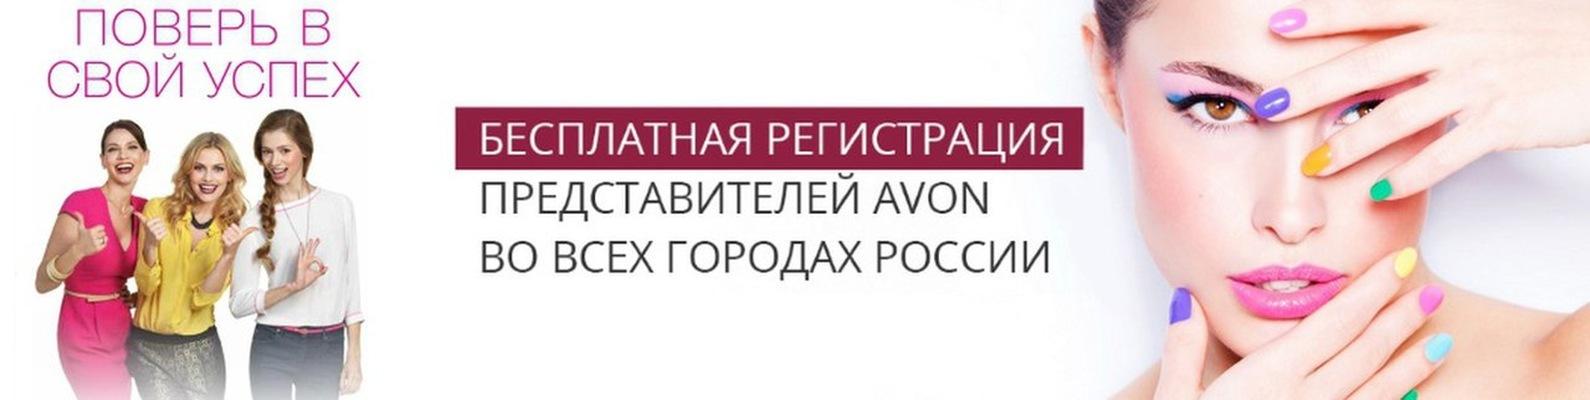 Эйвон зарегистрироваться консультантом still косметика официальный сайт купить в москве